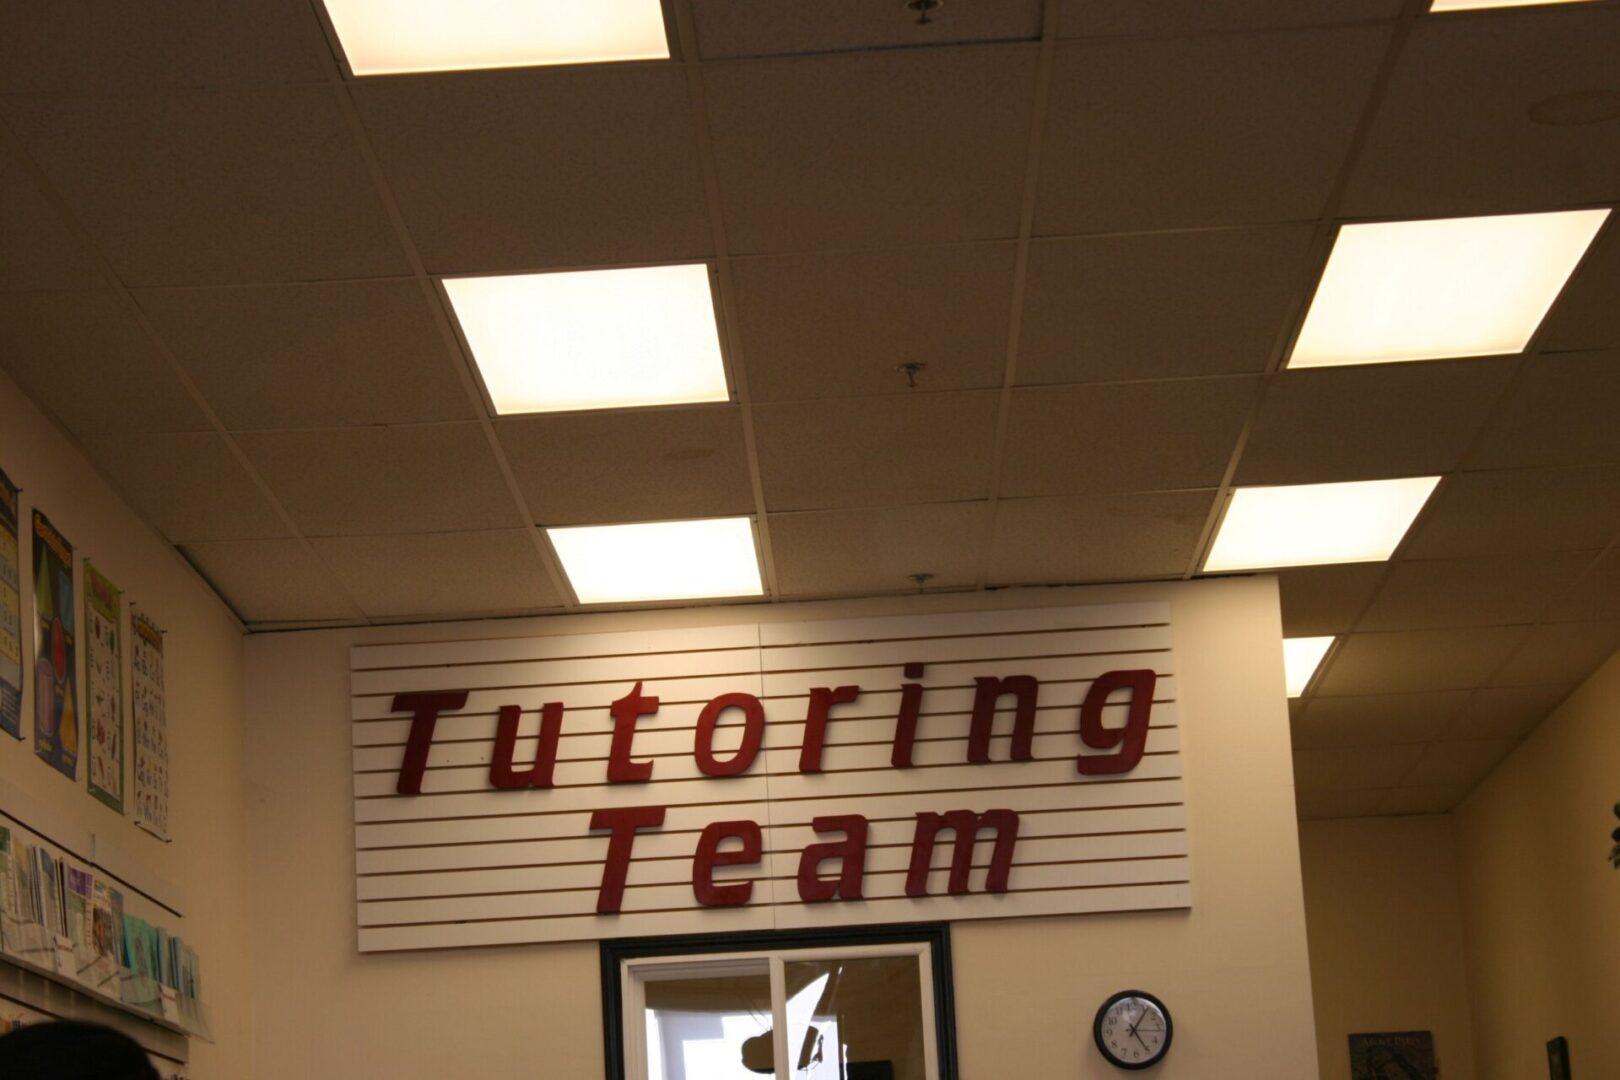 Rocklin's Tutoring Team